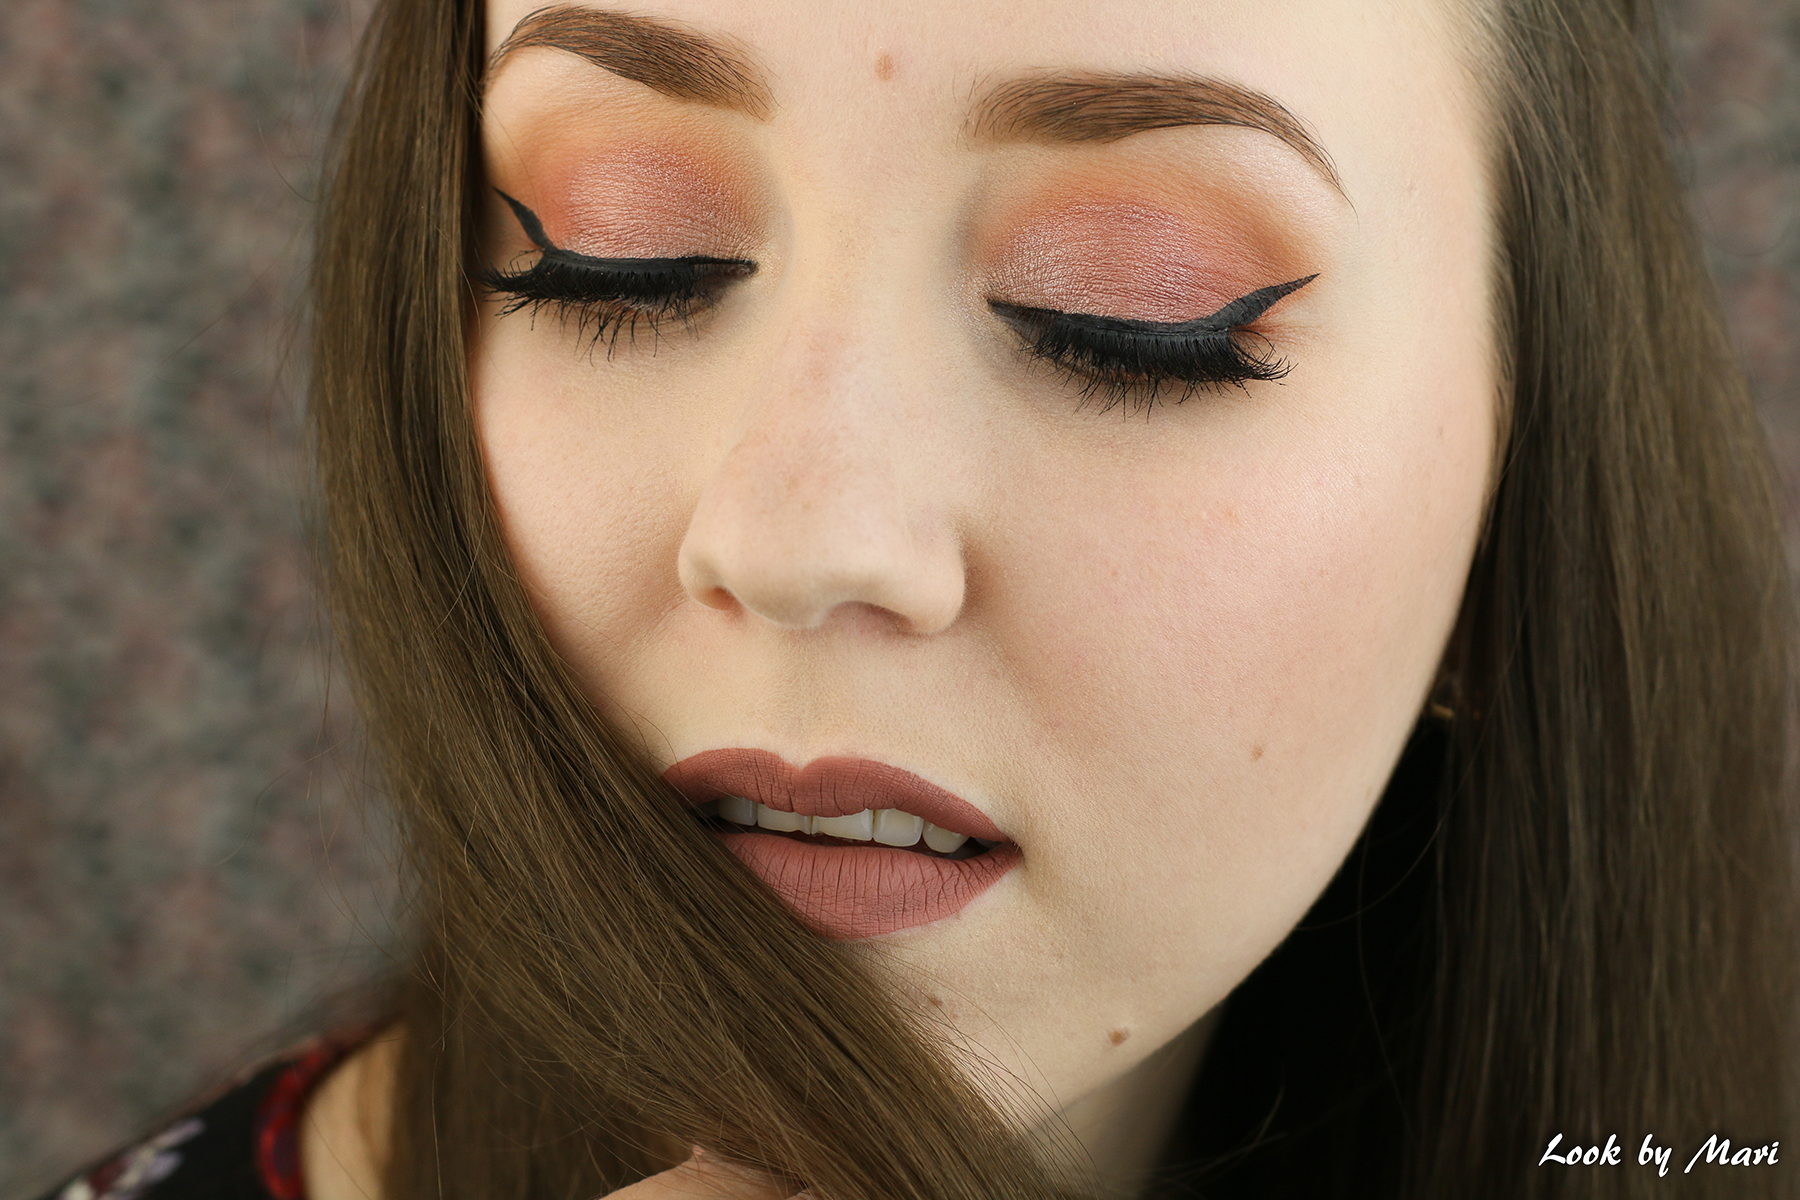 3 valmistujais meikki lakkiais meikki juhlameikki lämpimän sävyinen tutoriaali ideat inspiraatio blogi